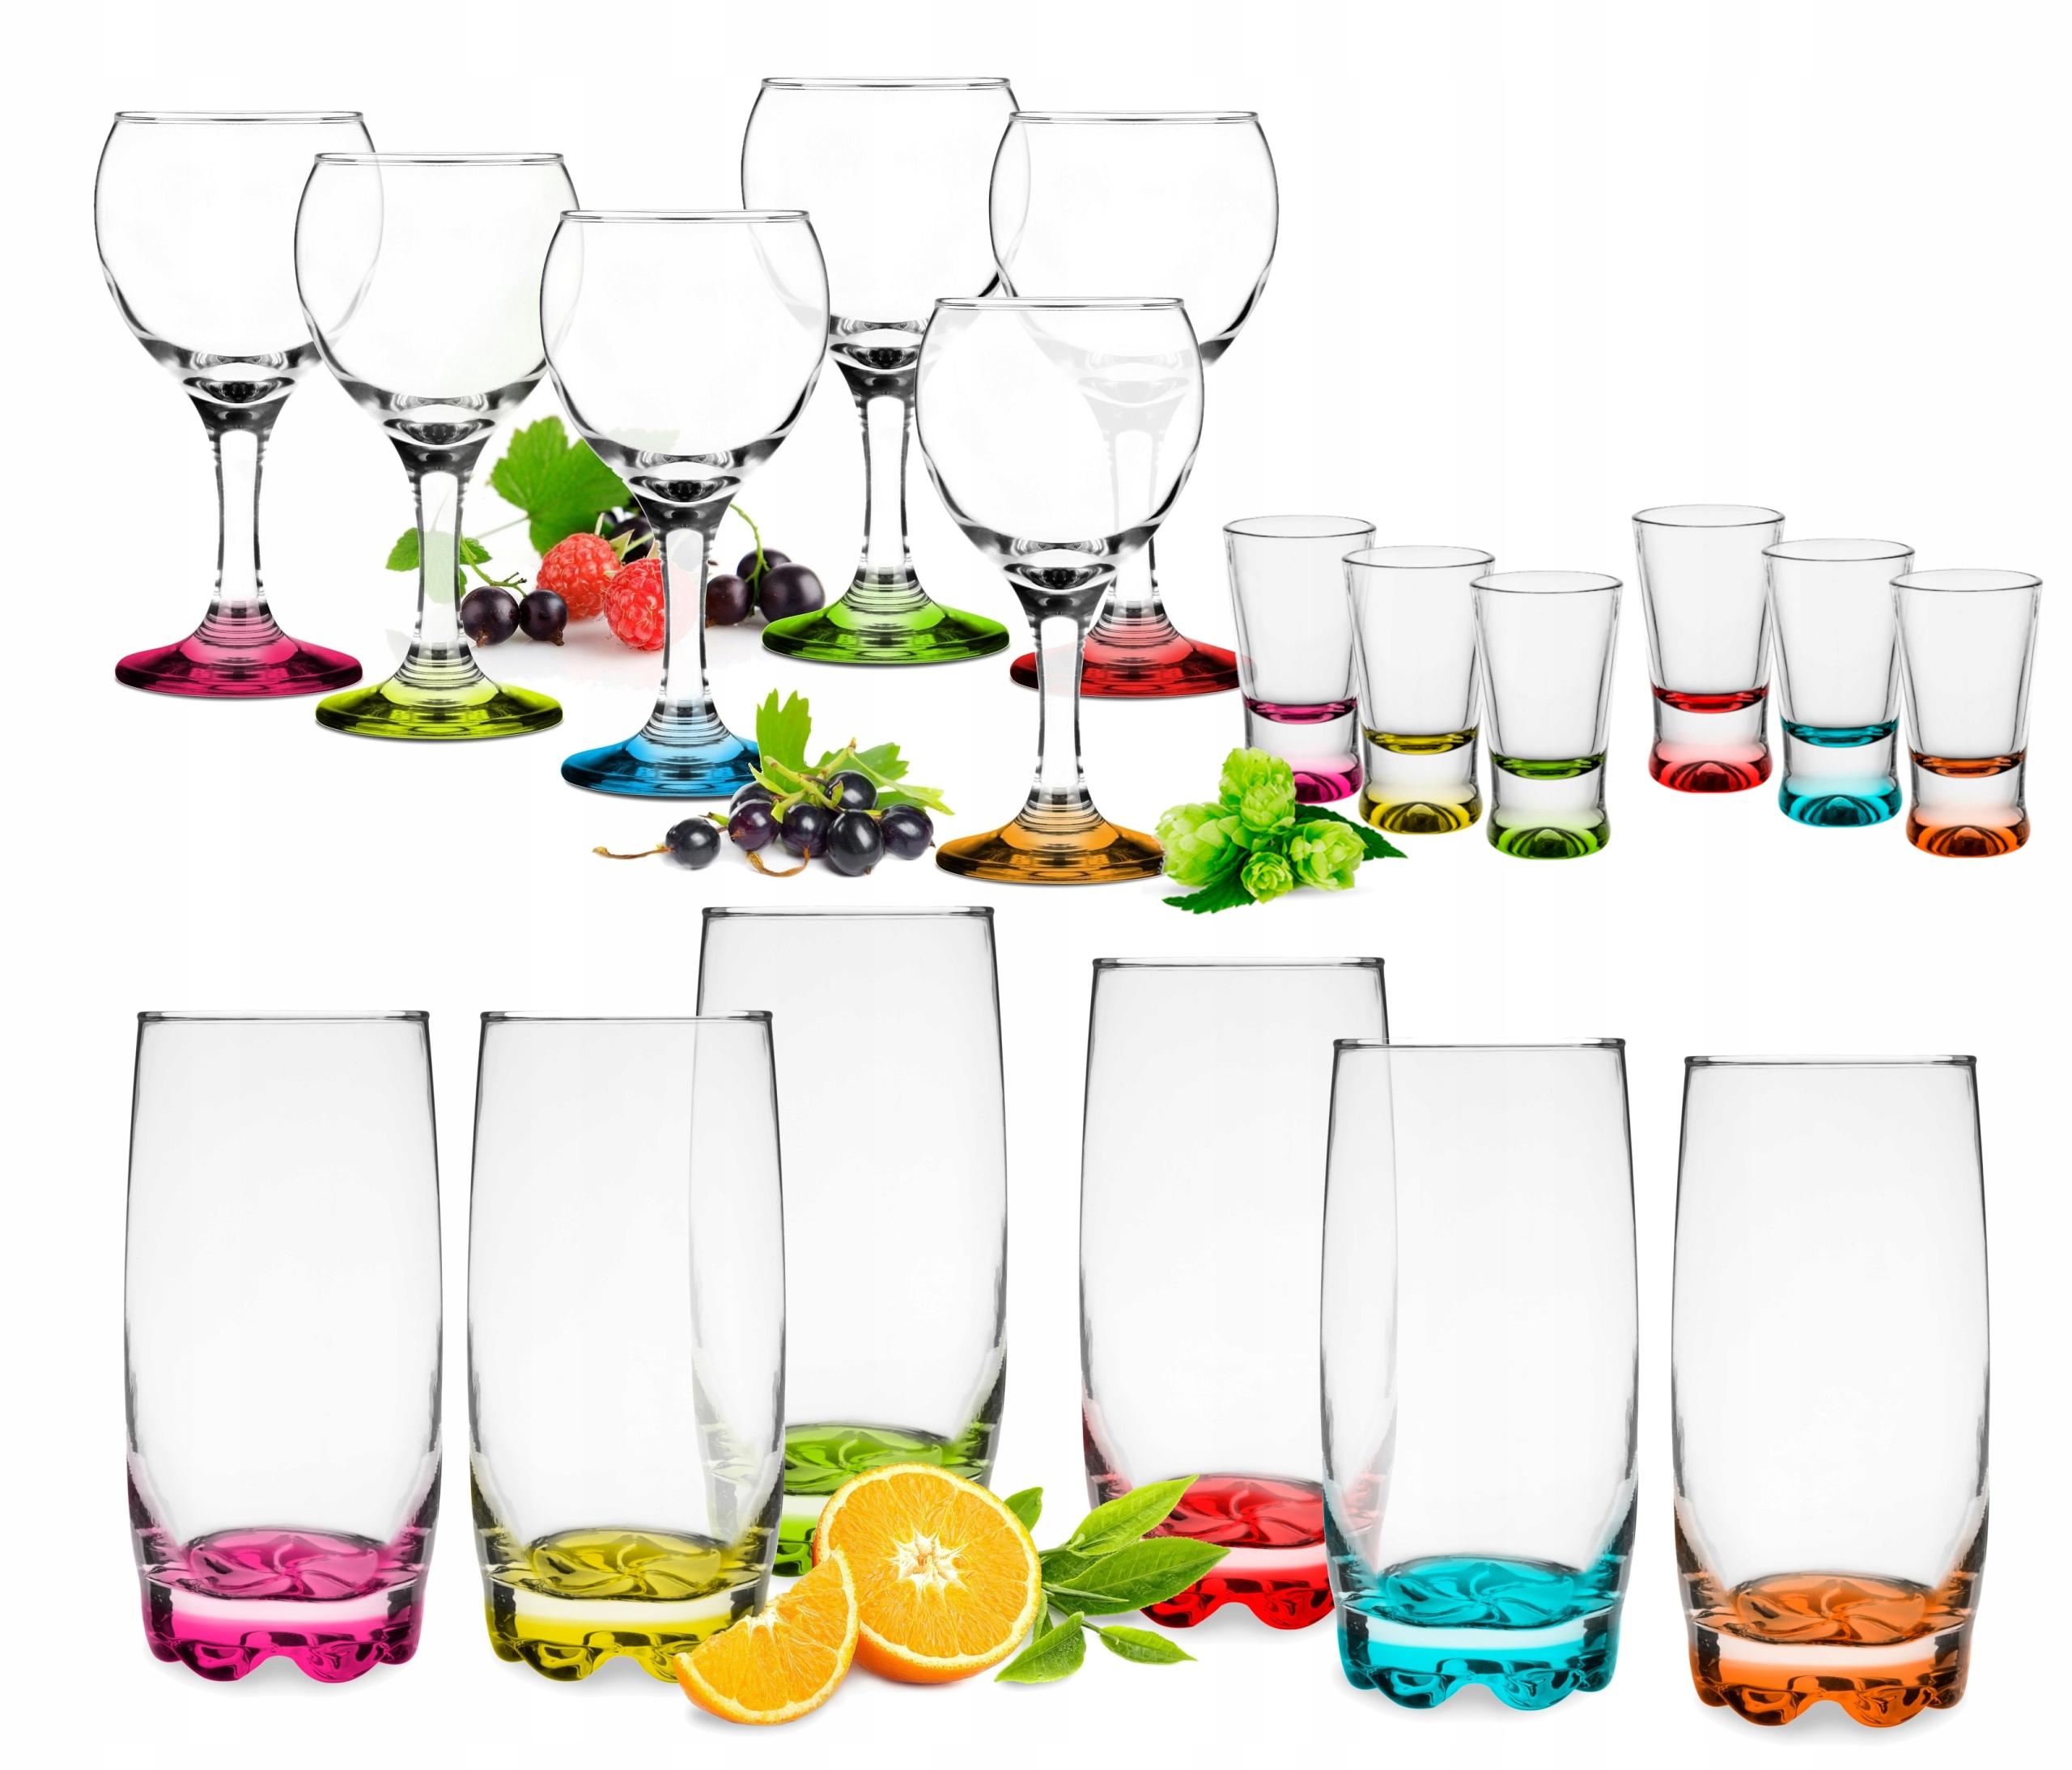 Komplet szklanki mix kolor + kieliszki GRATIS